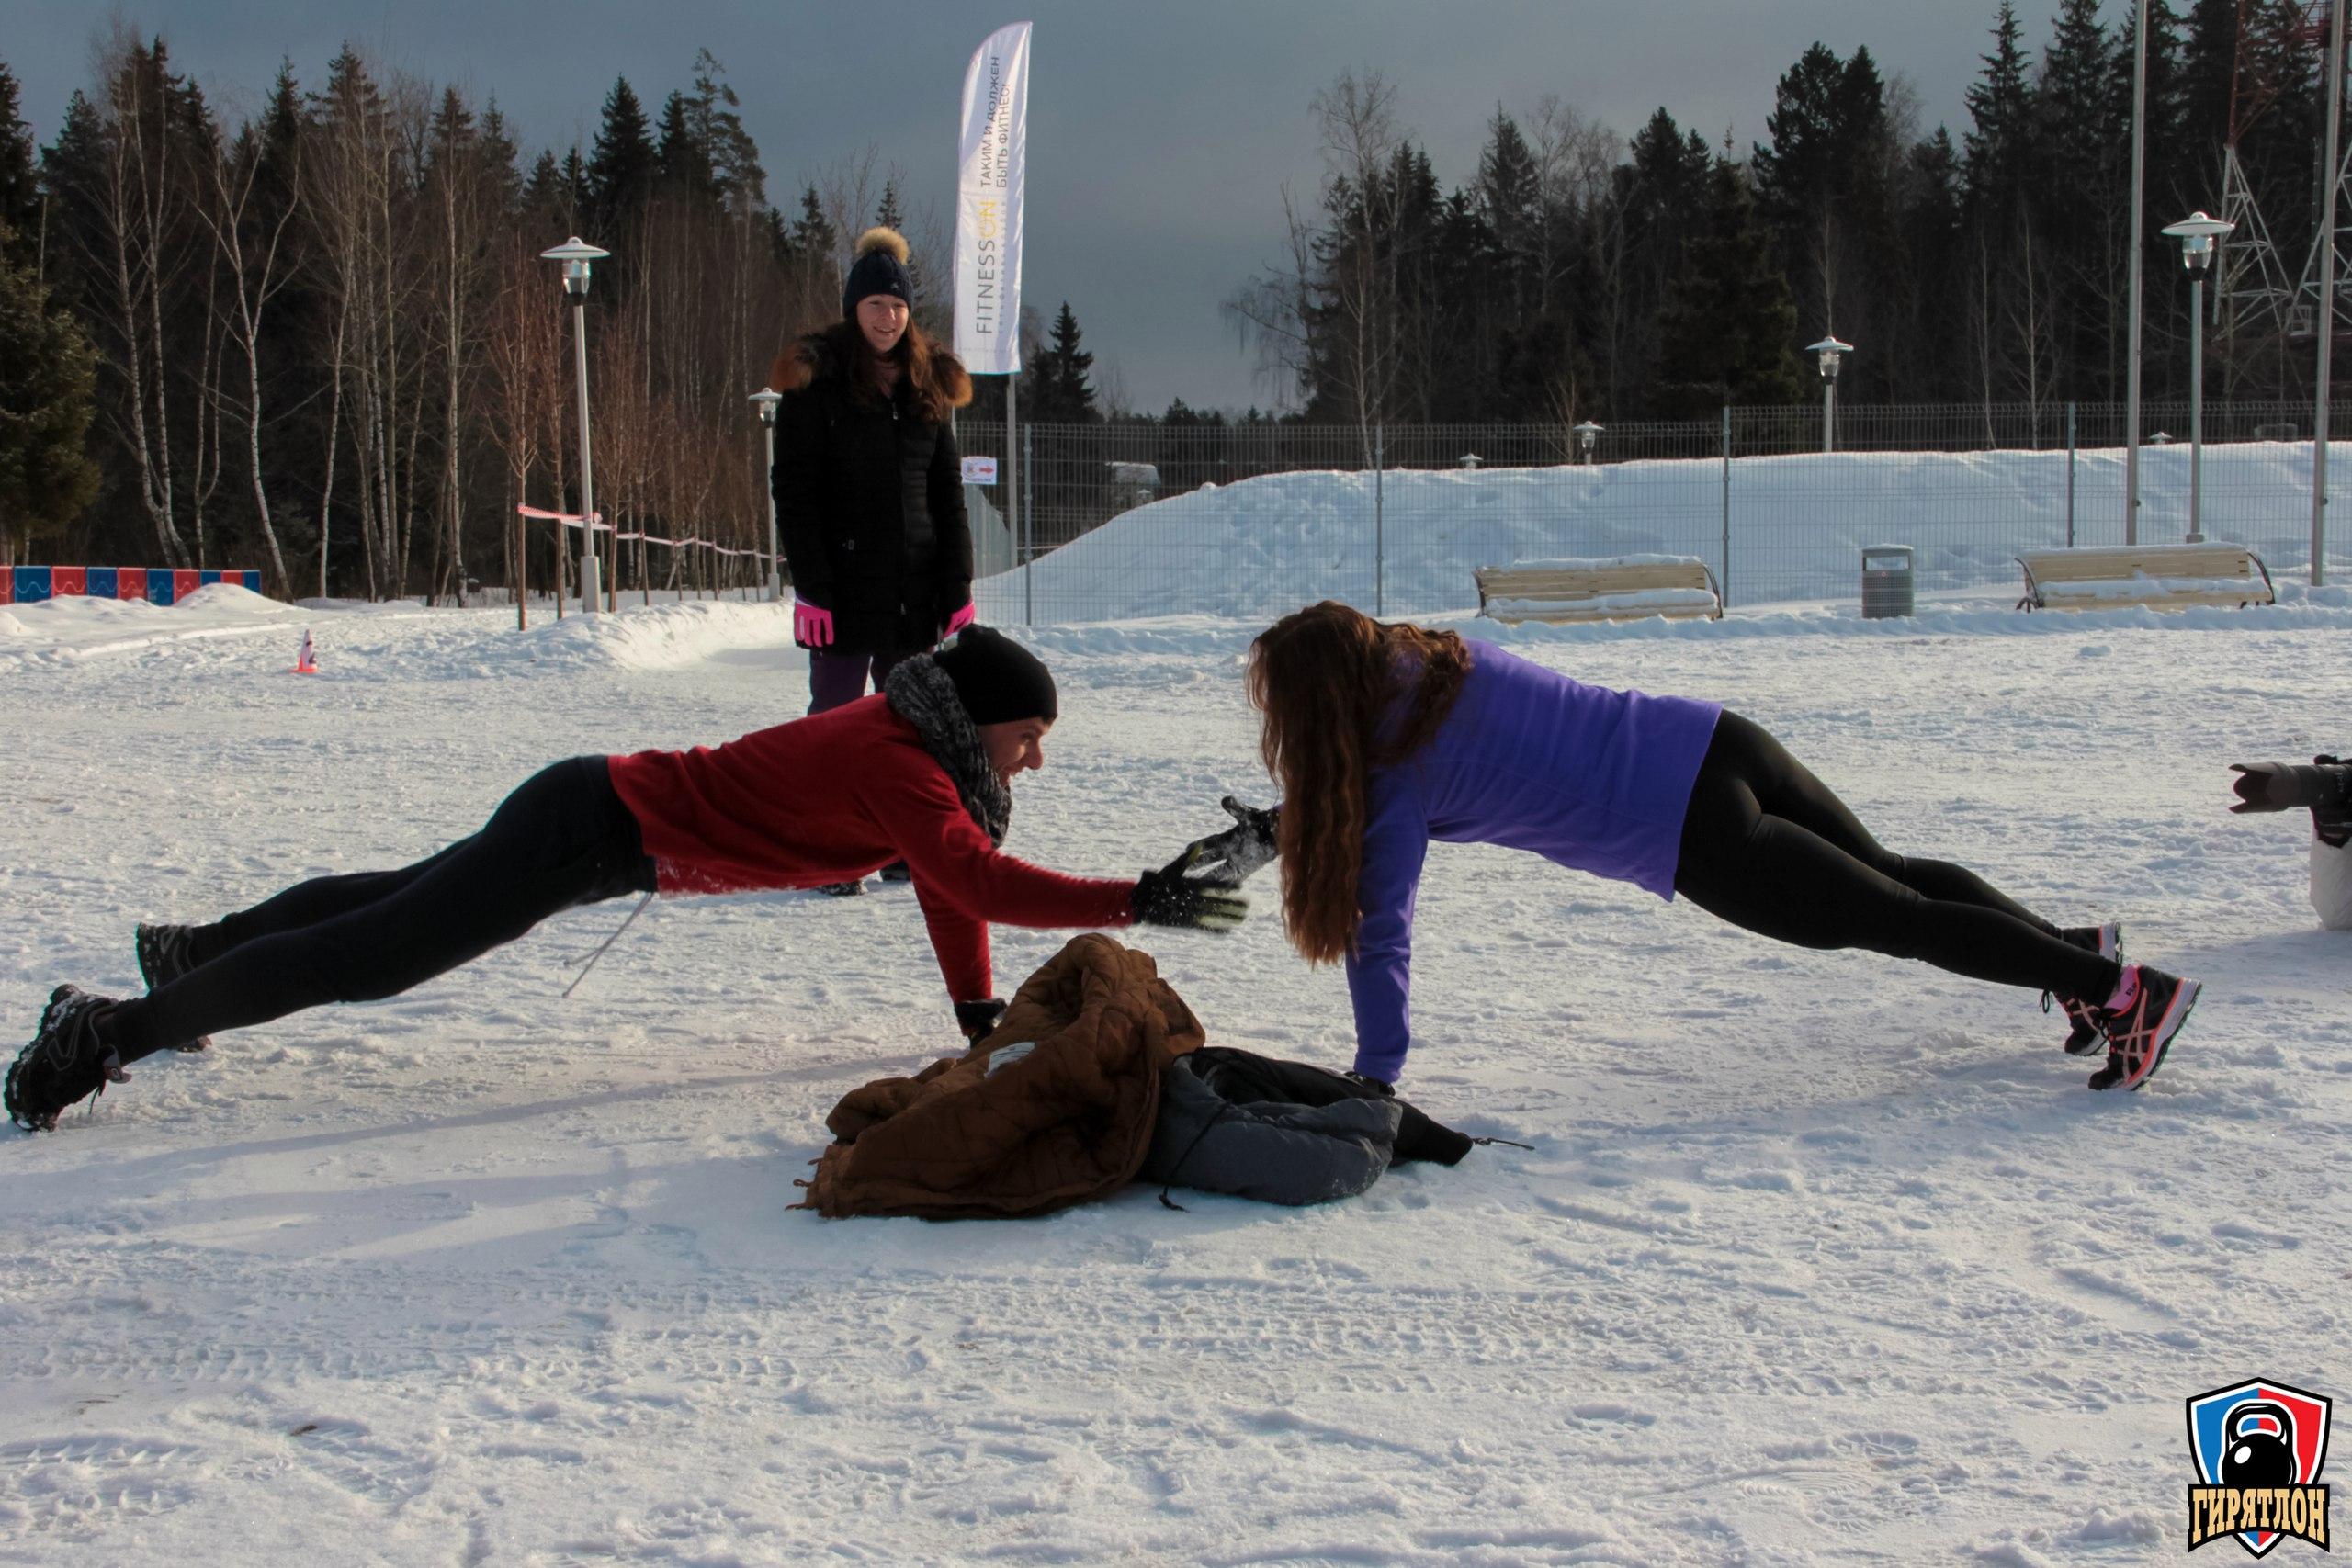 Что общего между рогаткой, гирями и лыжами? Гирятлон. Мультиспортивный забег